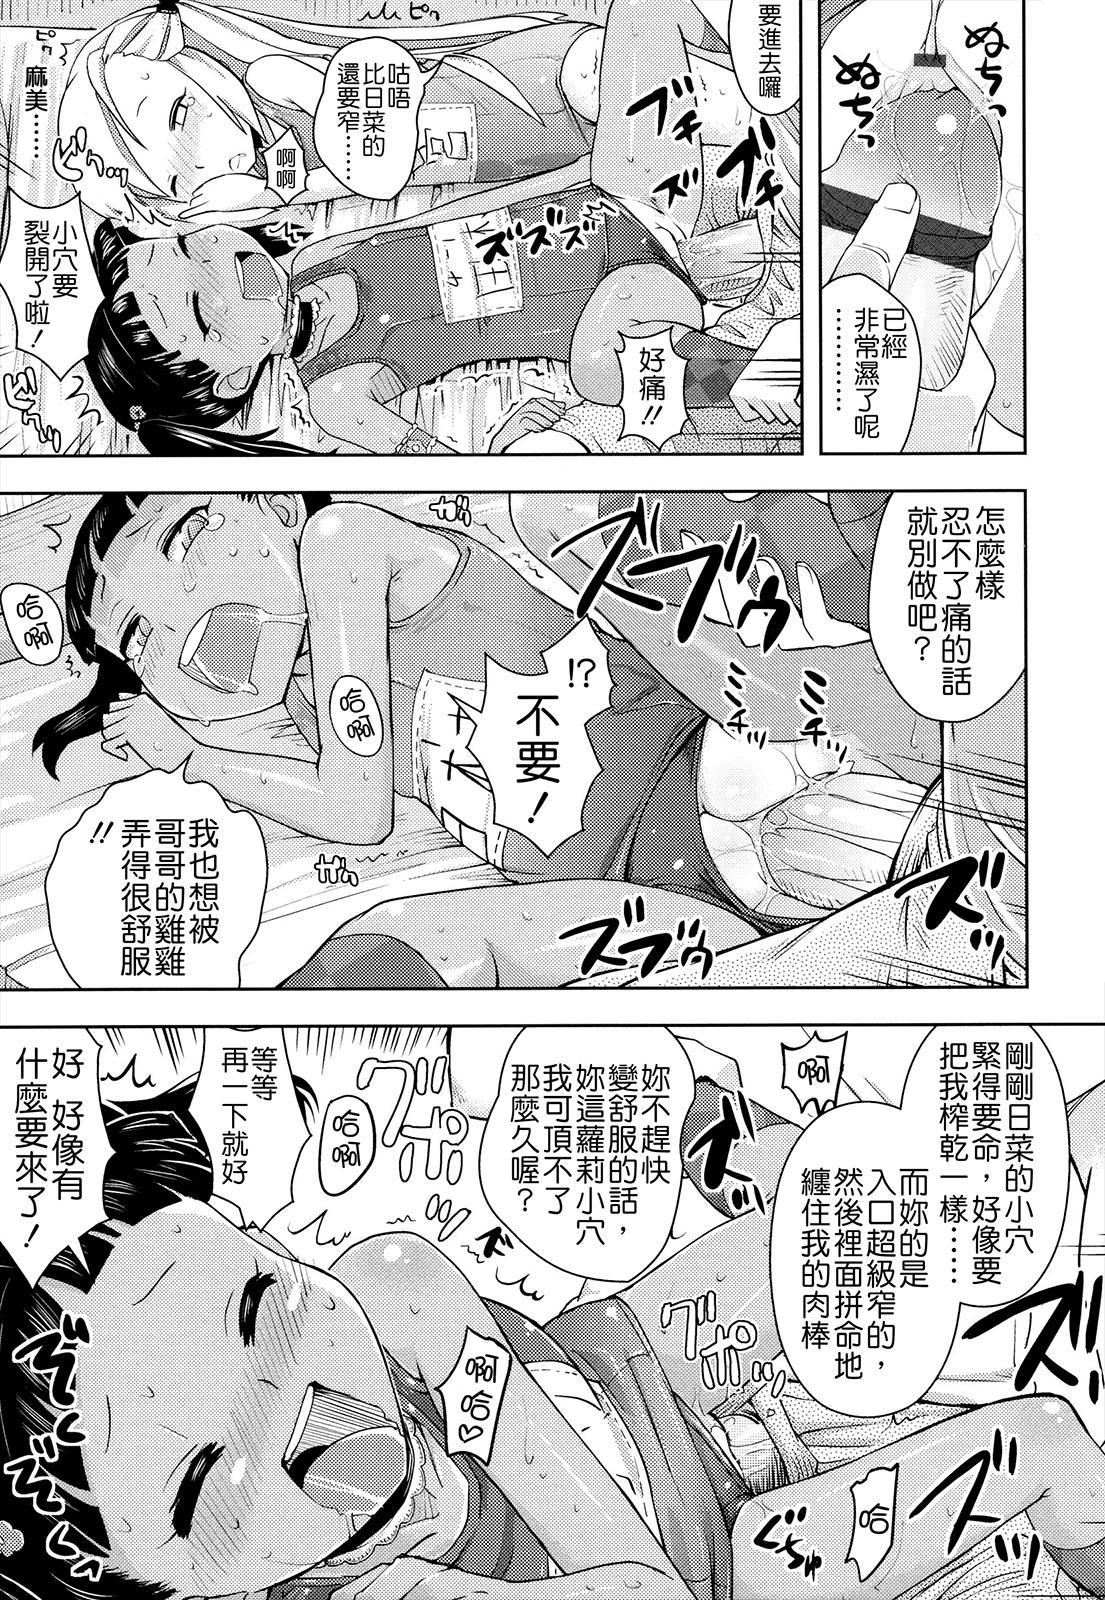 Oni-chan no Suki Ni Site!? 54